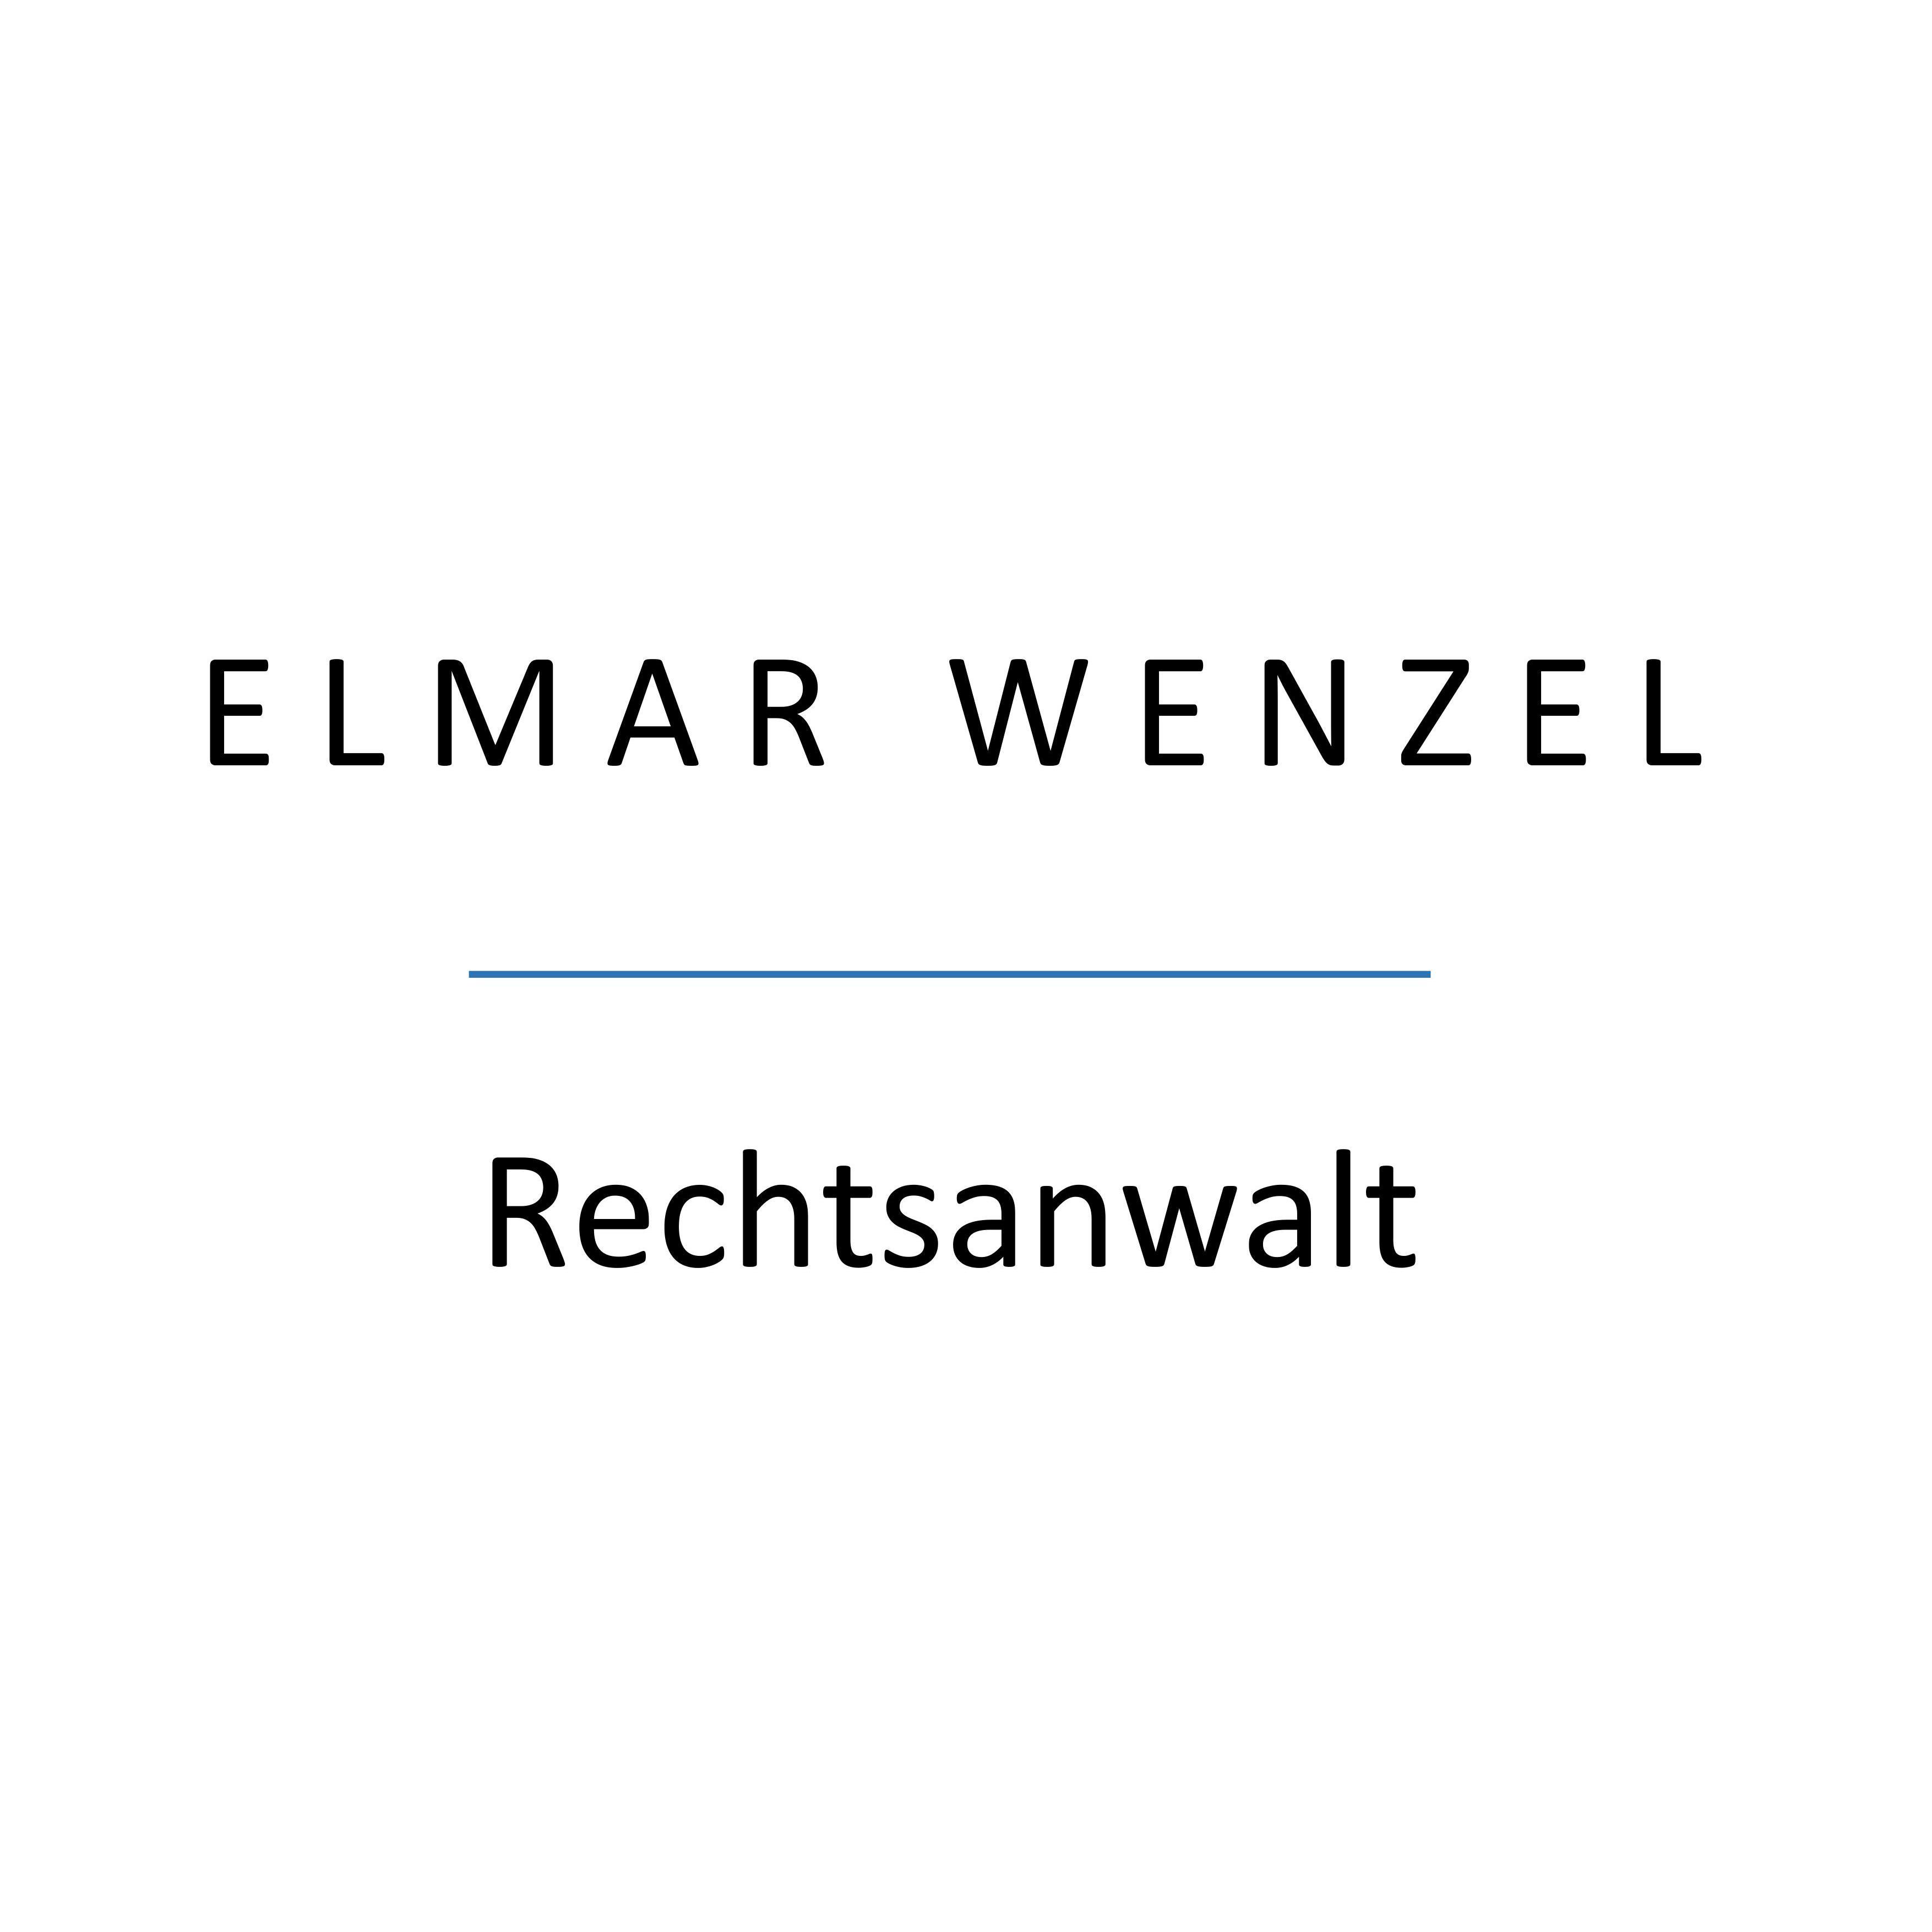 Bild zu Elmar Wenzel Rechtsanwalt in Aschaffenburg